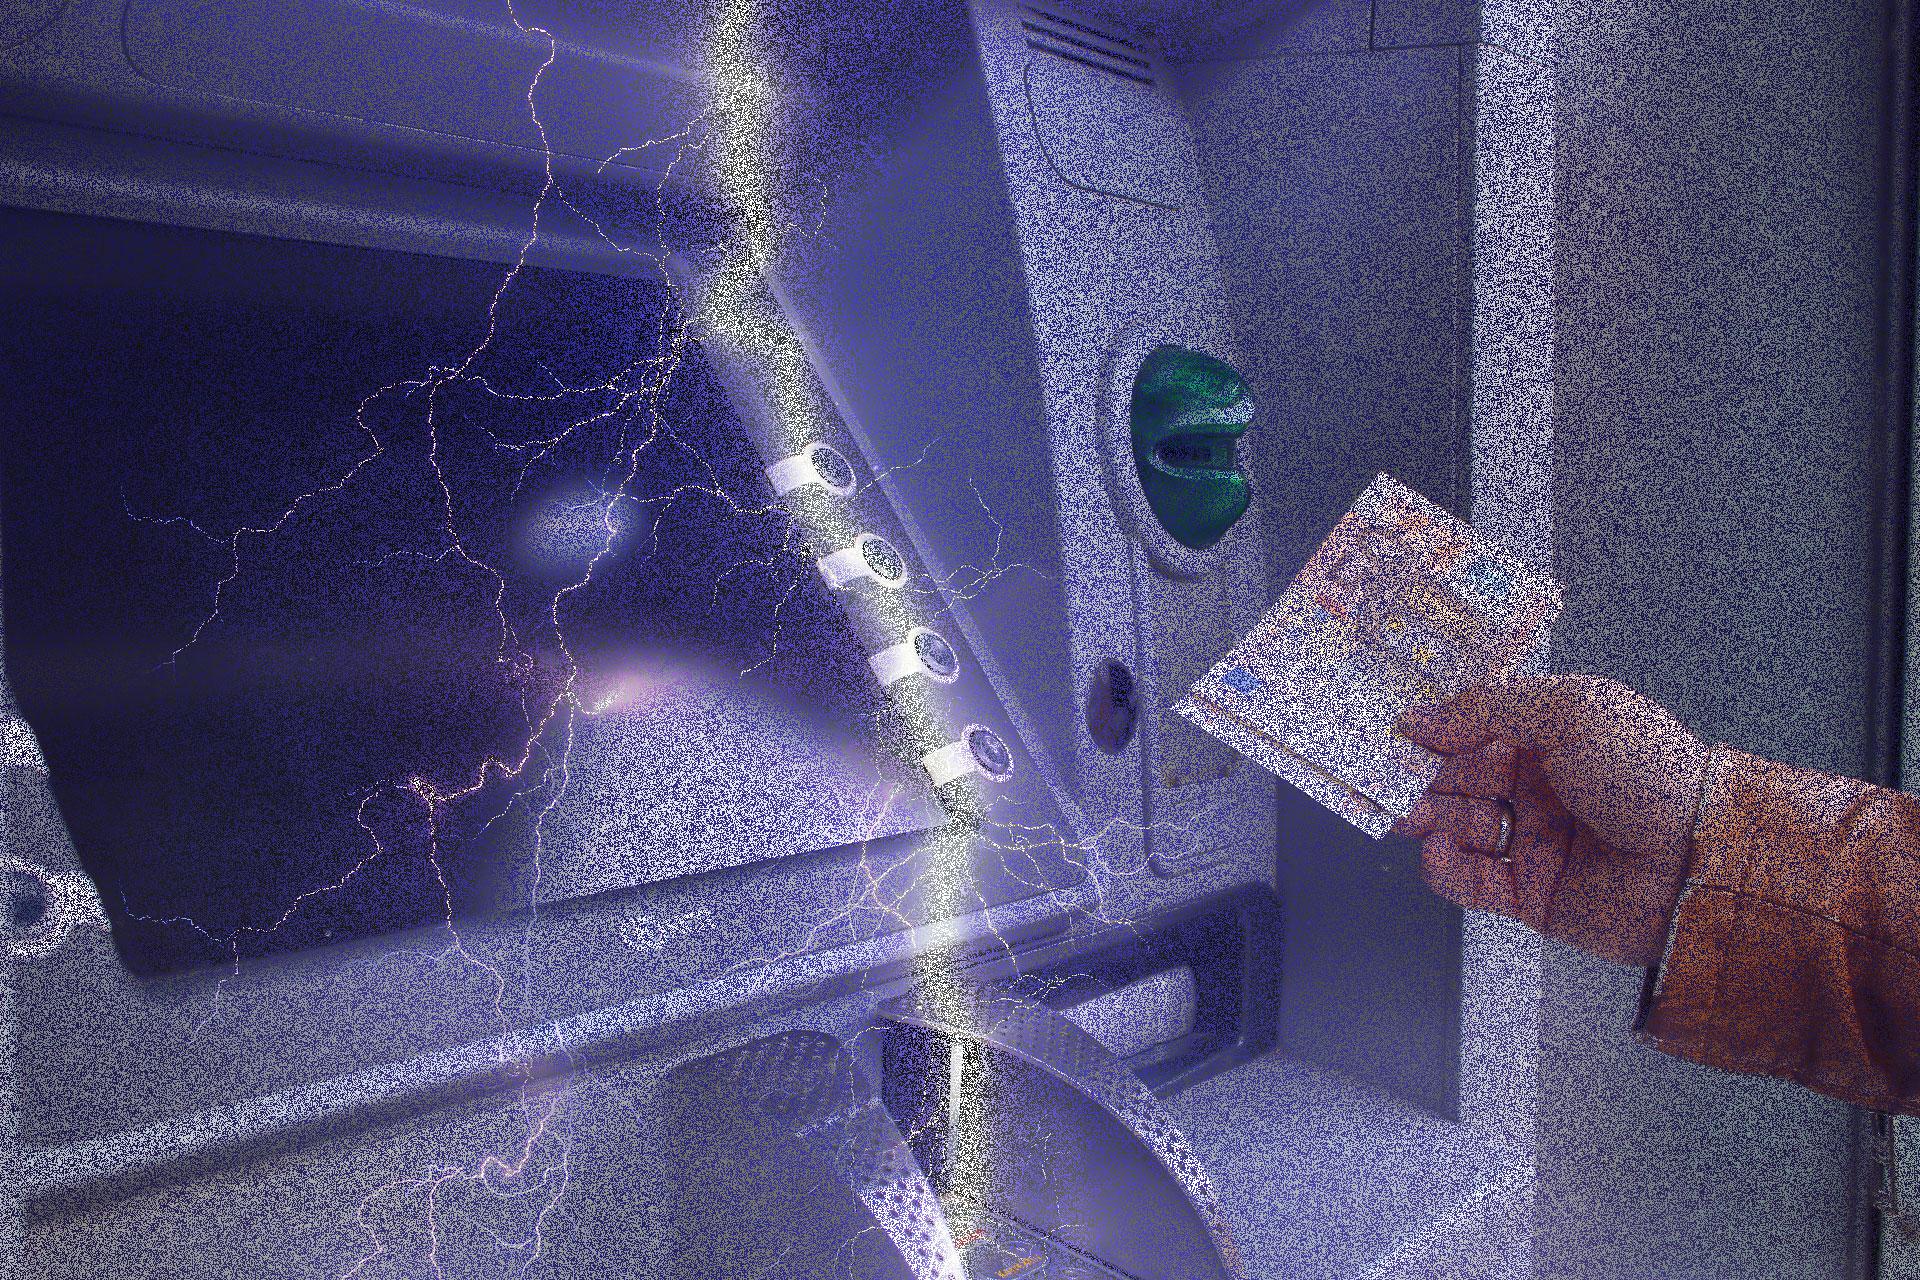 Lluvia de billetes en Guanajuato.